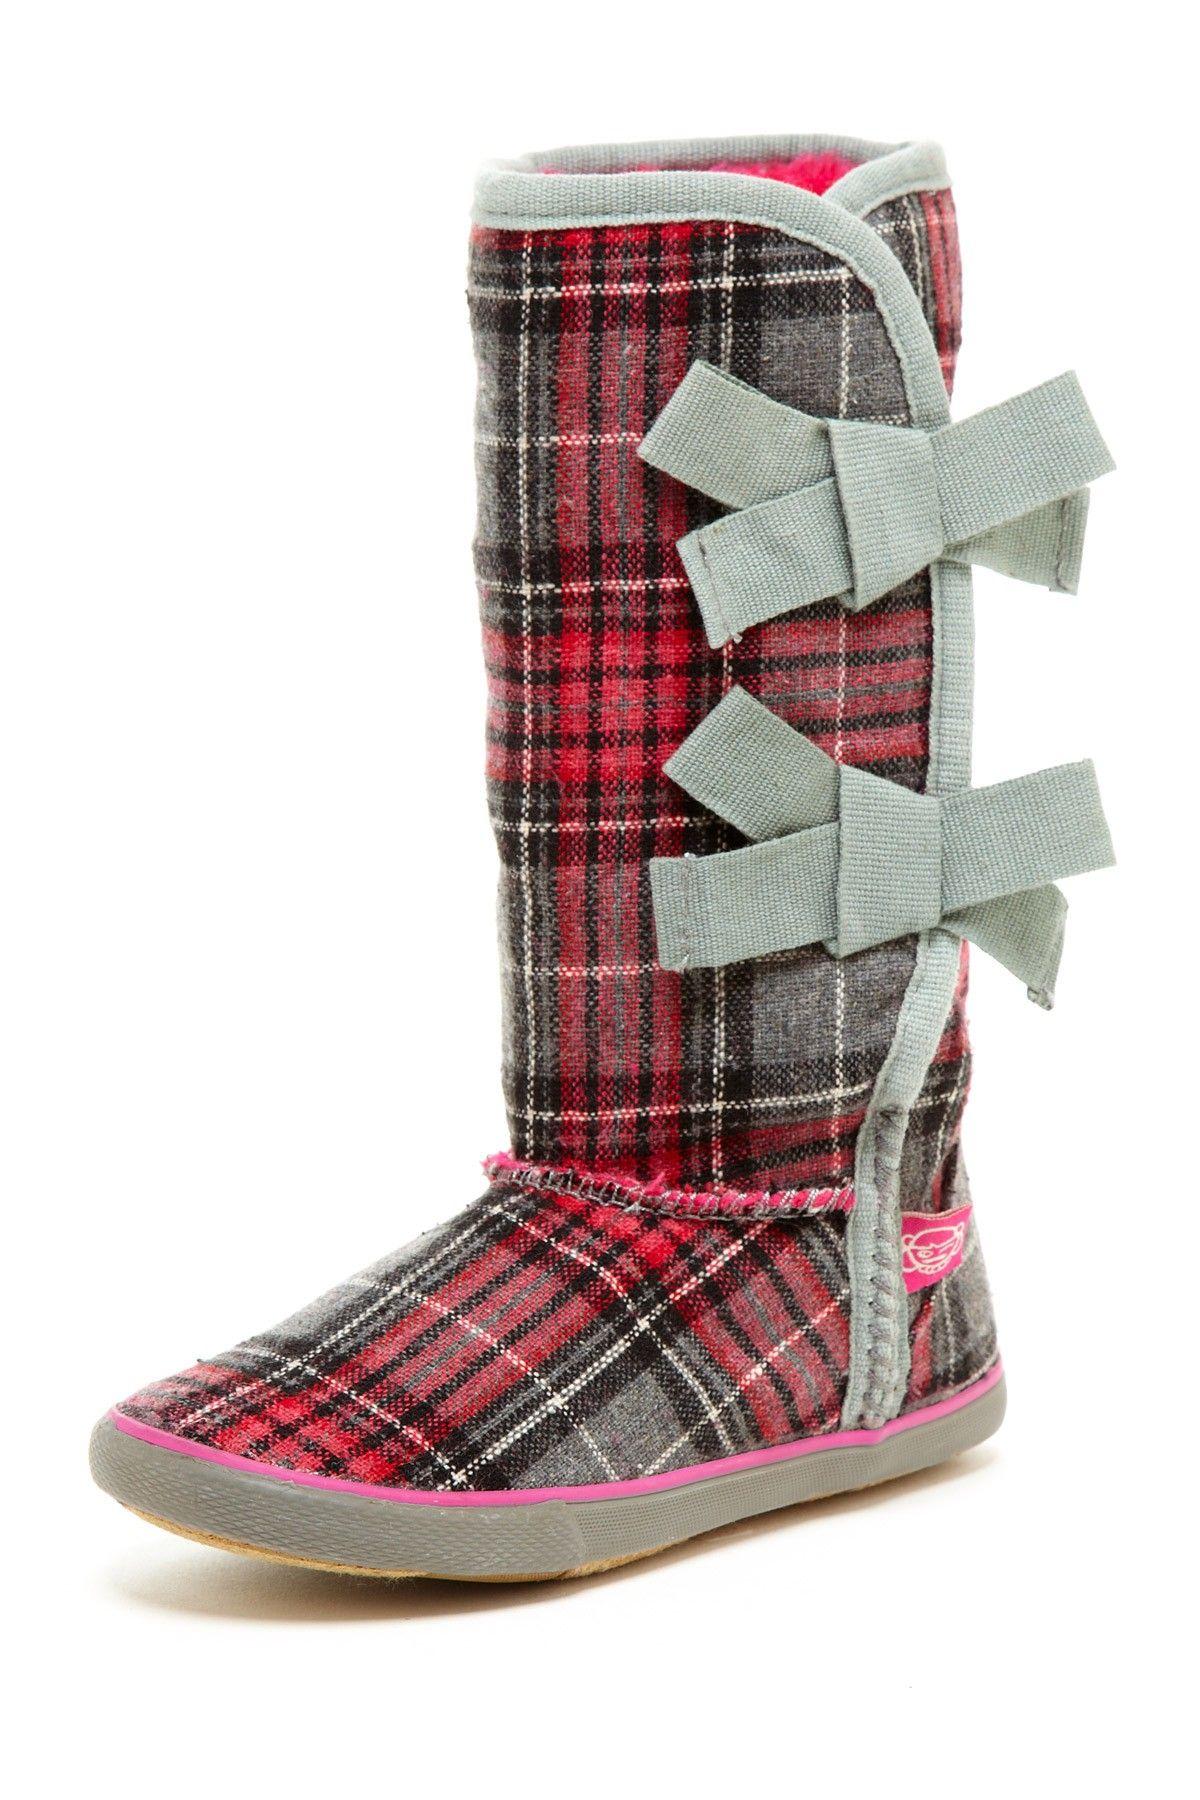 74991b470a8b7 Rampage sugar plaid boot kid friendly plaid boots shoes jpg 1200x1800 Sugar  morigami